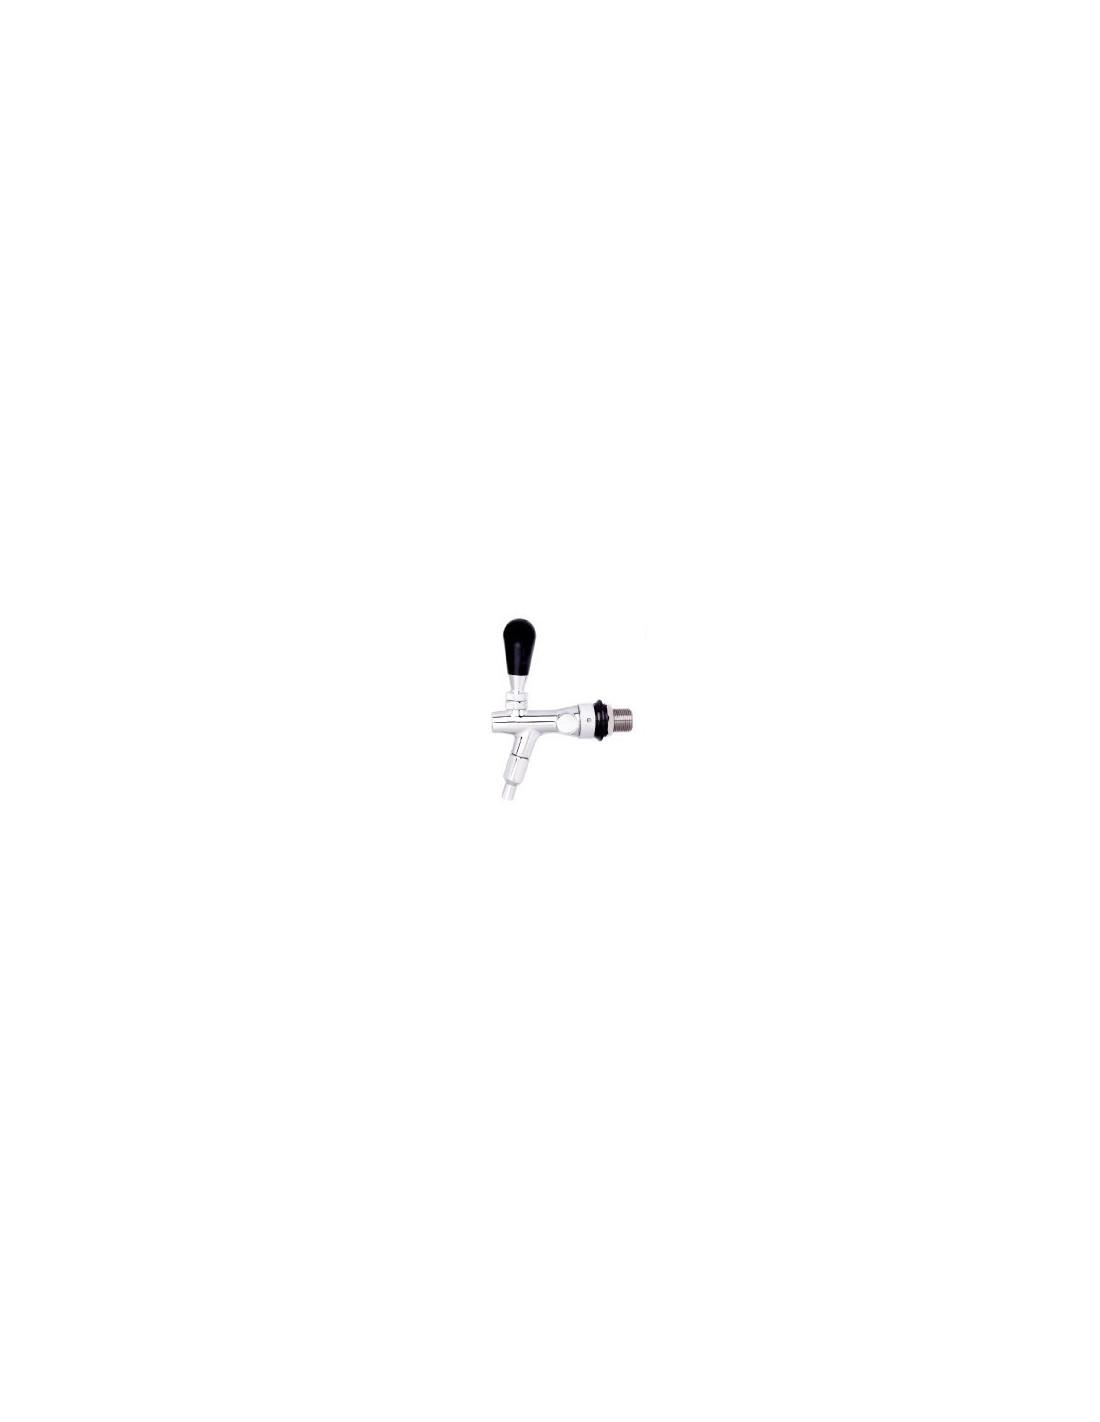 KOH02081 - Tappkran för Stout krompläterad 5/8-35 mm